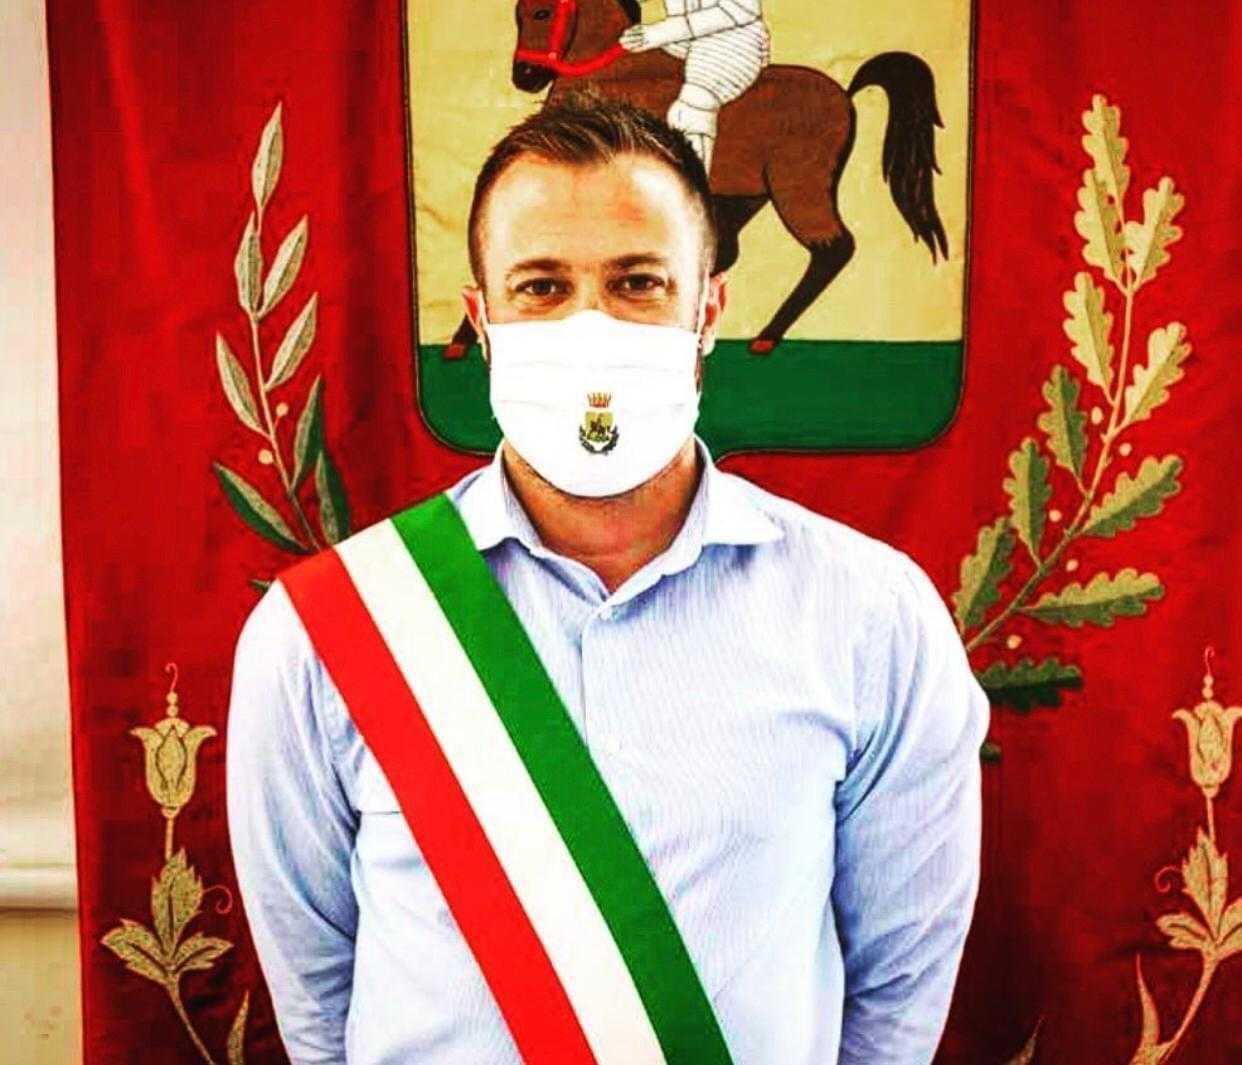 """Giulianova Patrimonio, Costantini risponde a Tribuiani: """"Siamo tranquilli. Gestione societaria corretta trasparente"""""""